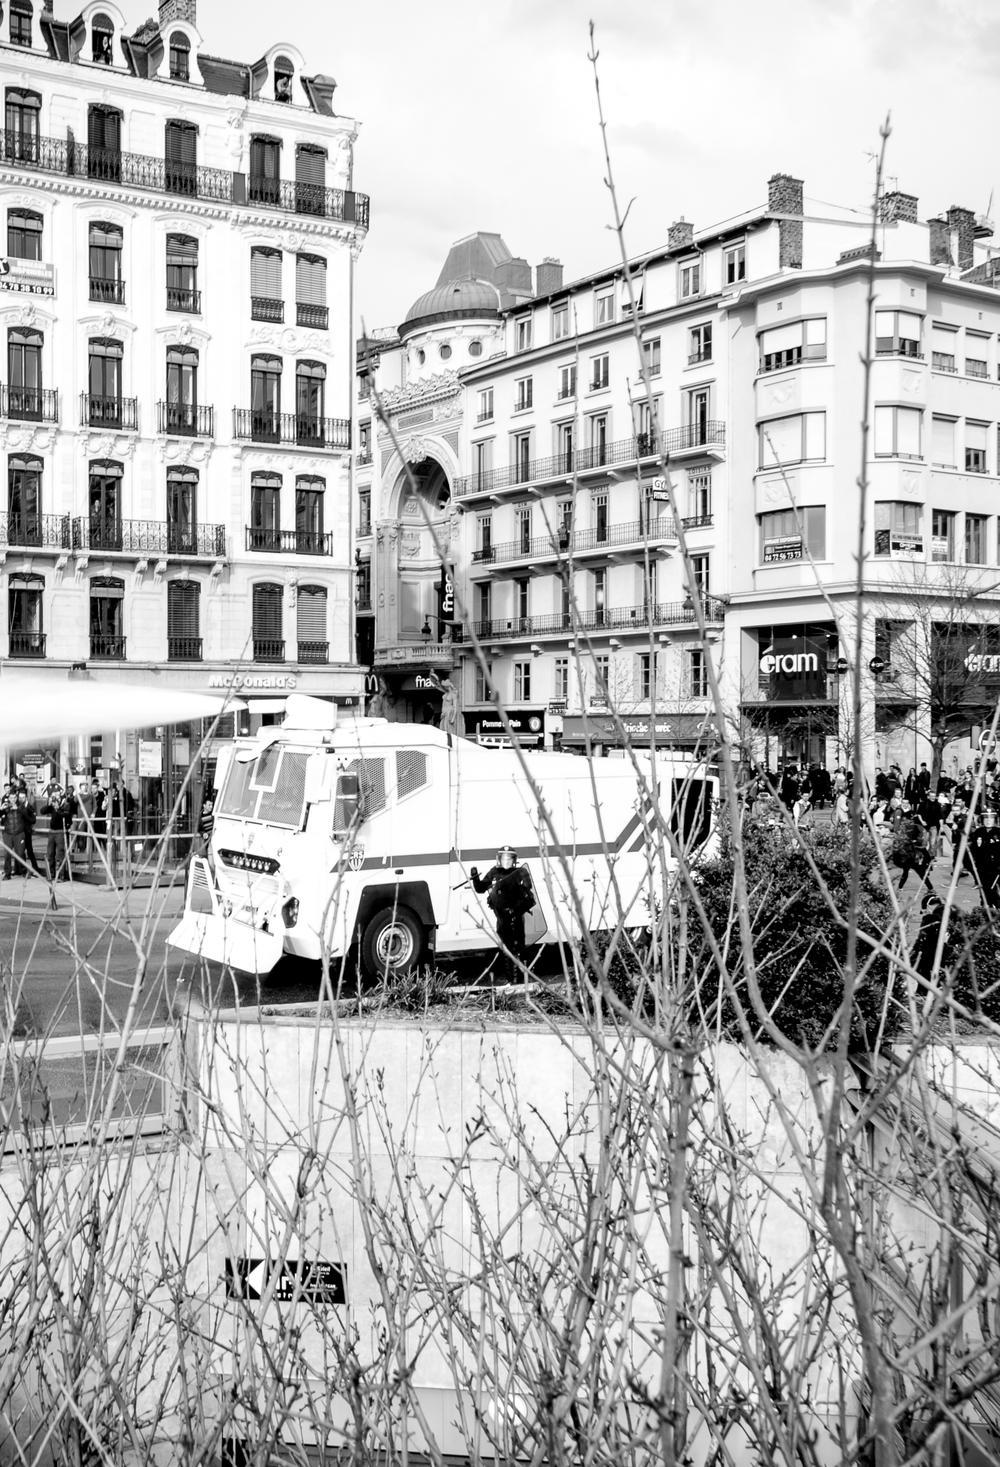 manifestation-loi-travail-31-mars-2016_25887934990_o.jpg